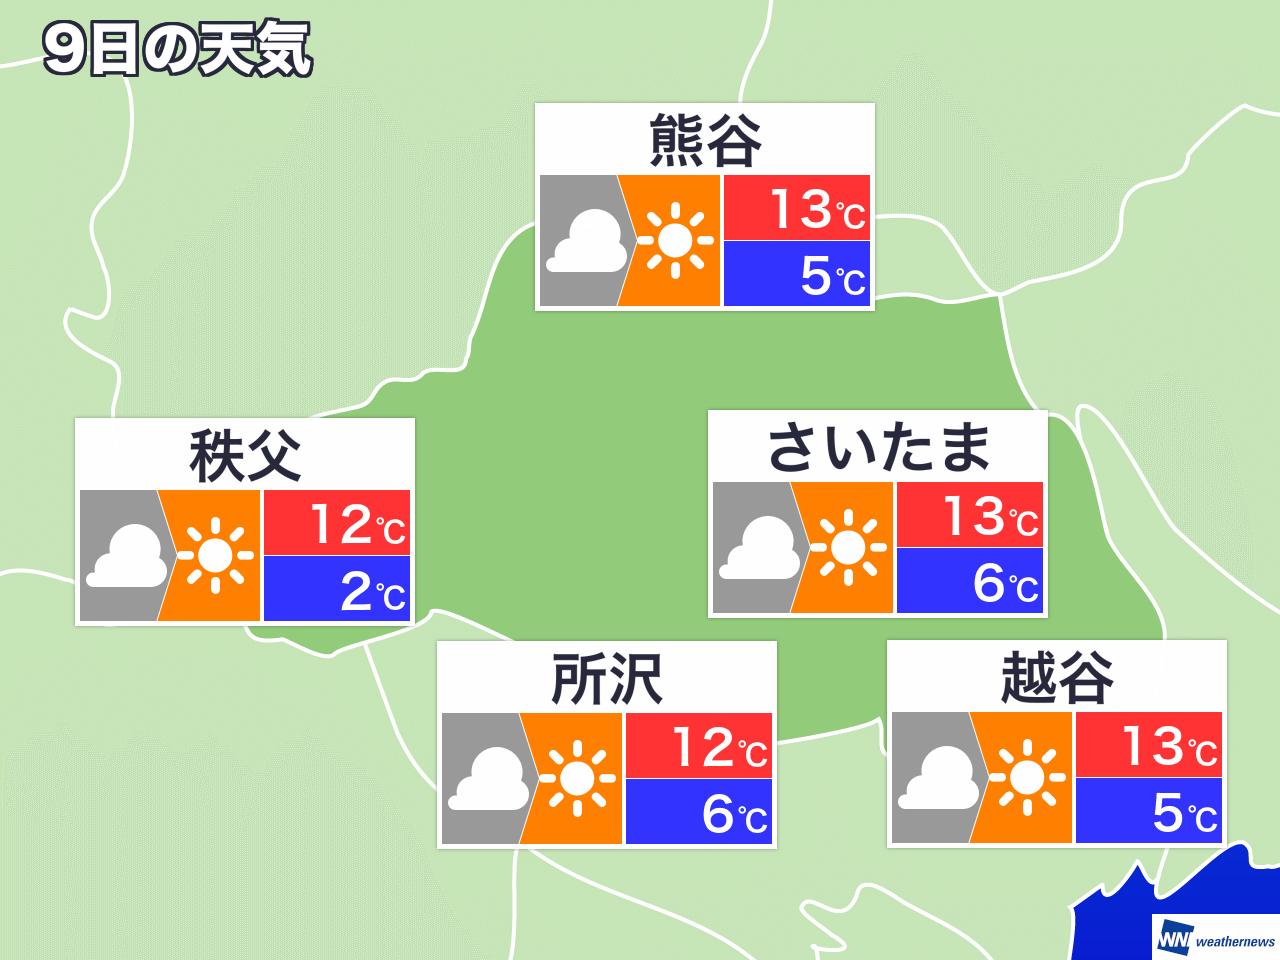 雨雲 静岡 レーダー 天気